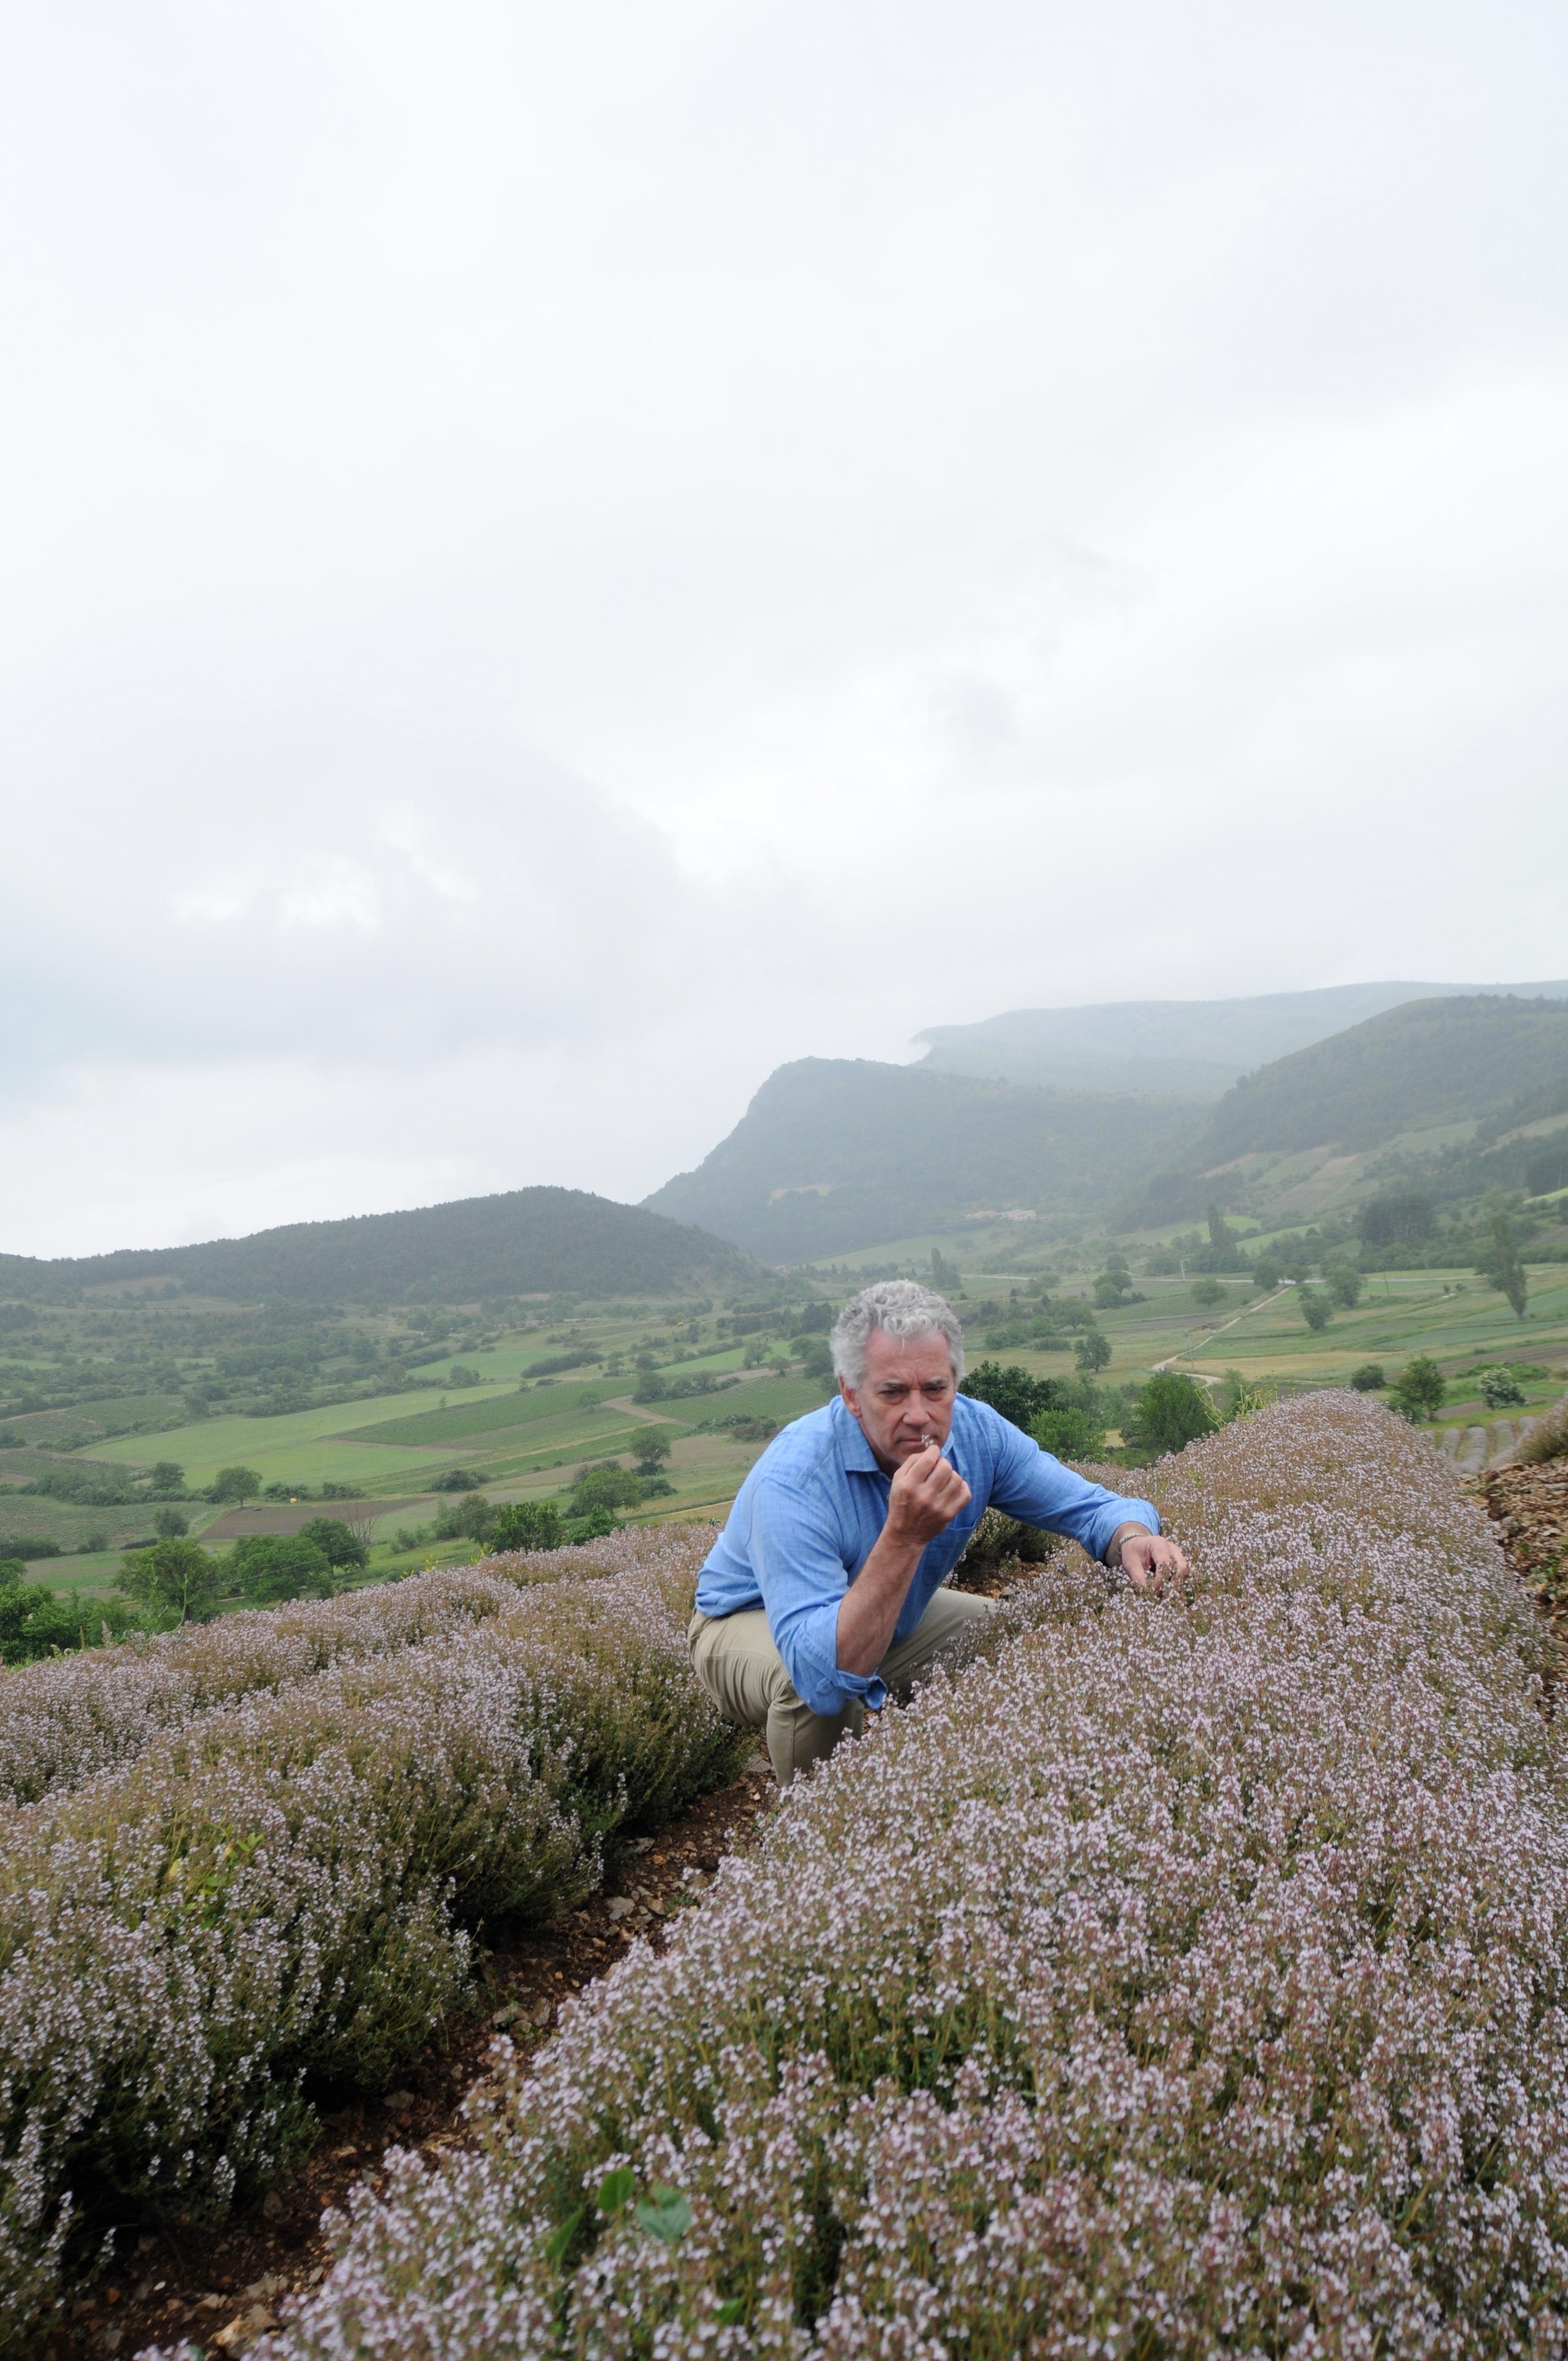 Aquí tenéis a Charles Rolls, fundador de Fever-tree, en los campos de lavanda de la Provenza :)